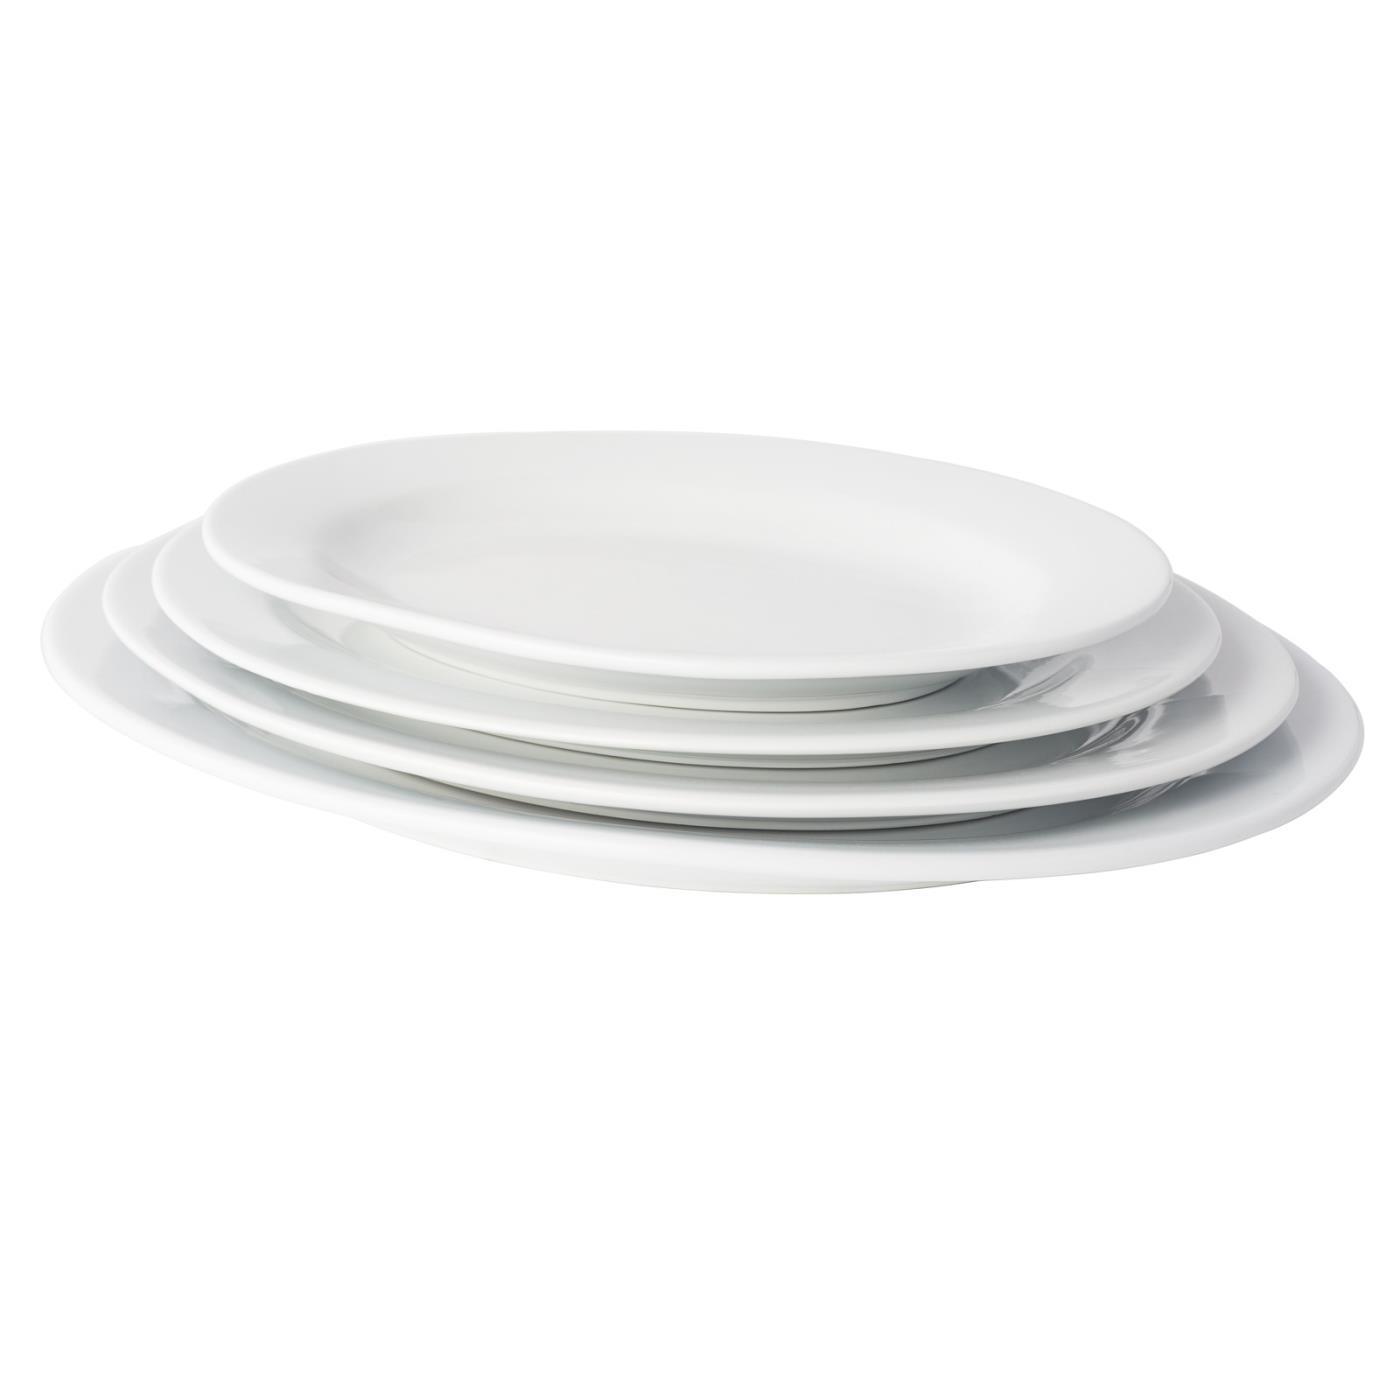 White Ceramic Oval Platter